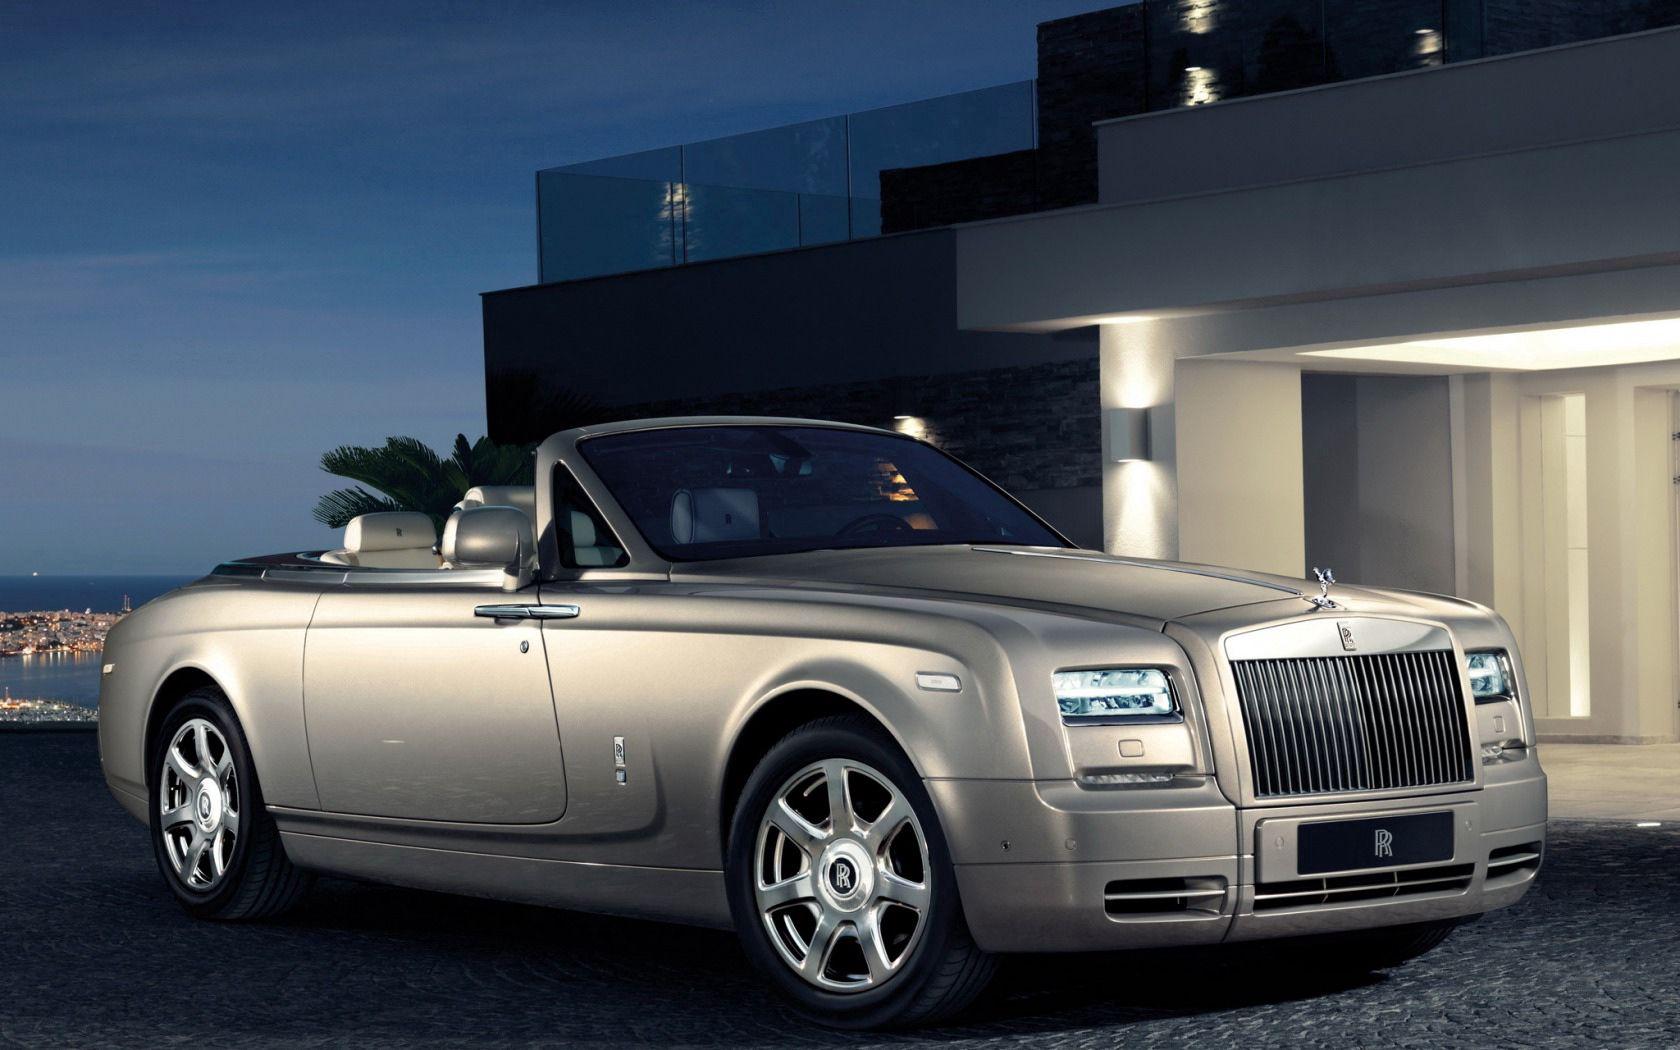 113595 скачать обои Тачки (Cars), Rolls-Royce, Phantom, Drophead, Вид Сбоку, Машины, Стиль - заставки и картинки бесплатно